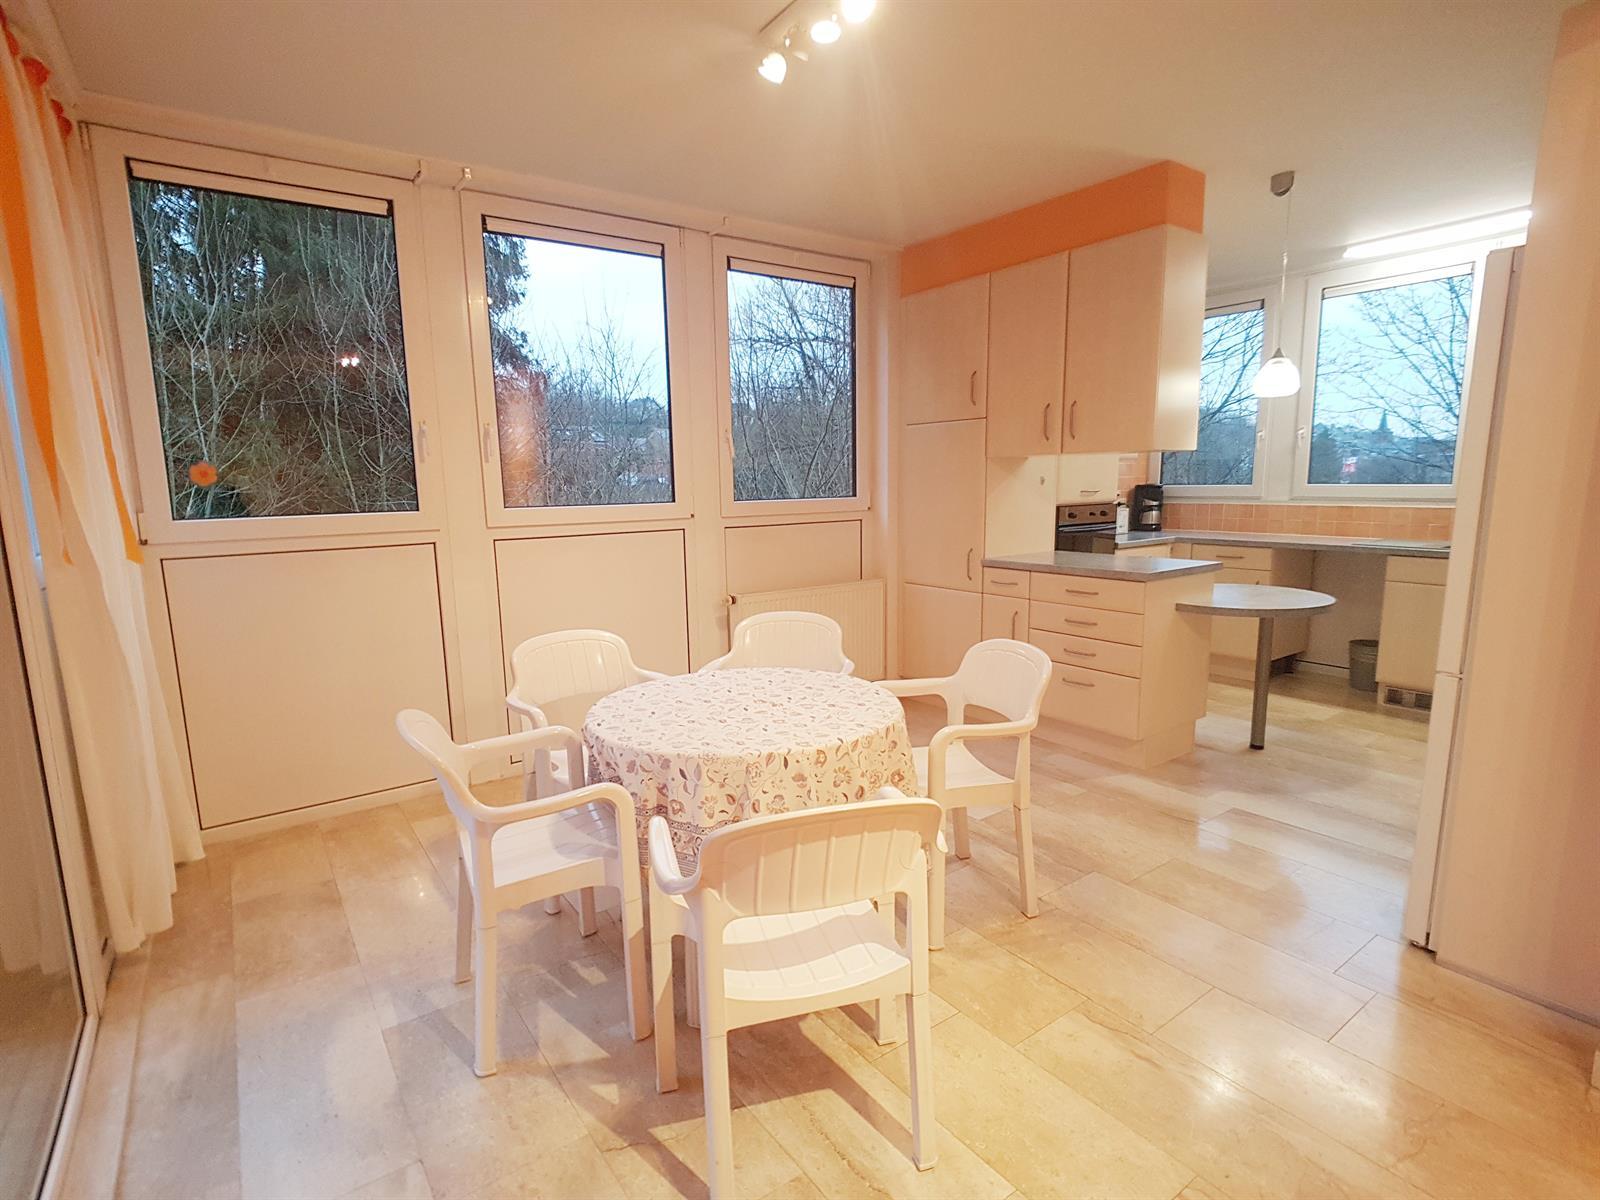 Appartement - Ottignies-Louvain-la-Neuve - #4254648-4